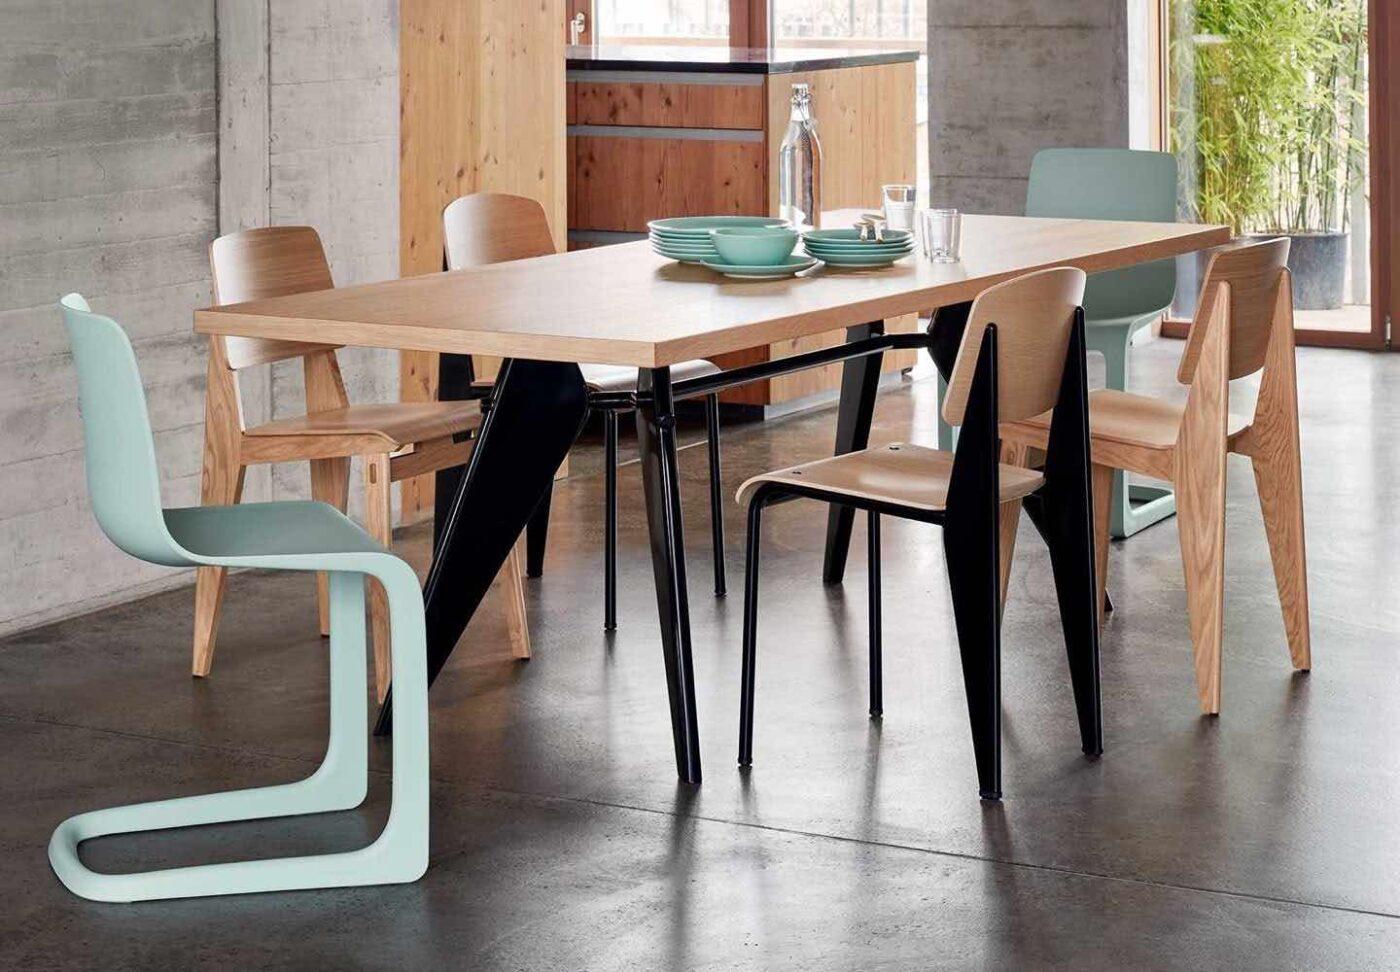 La sedia a sbalzo Vitra Evo-C in vendita online sullo shop Della Chiara